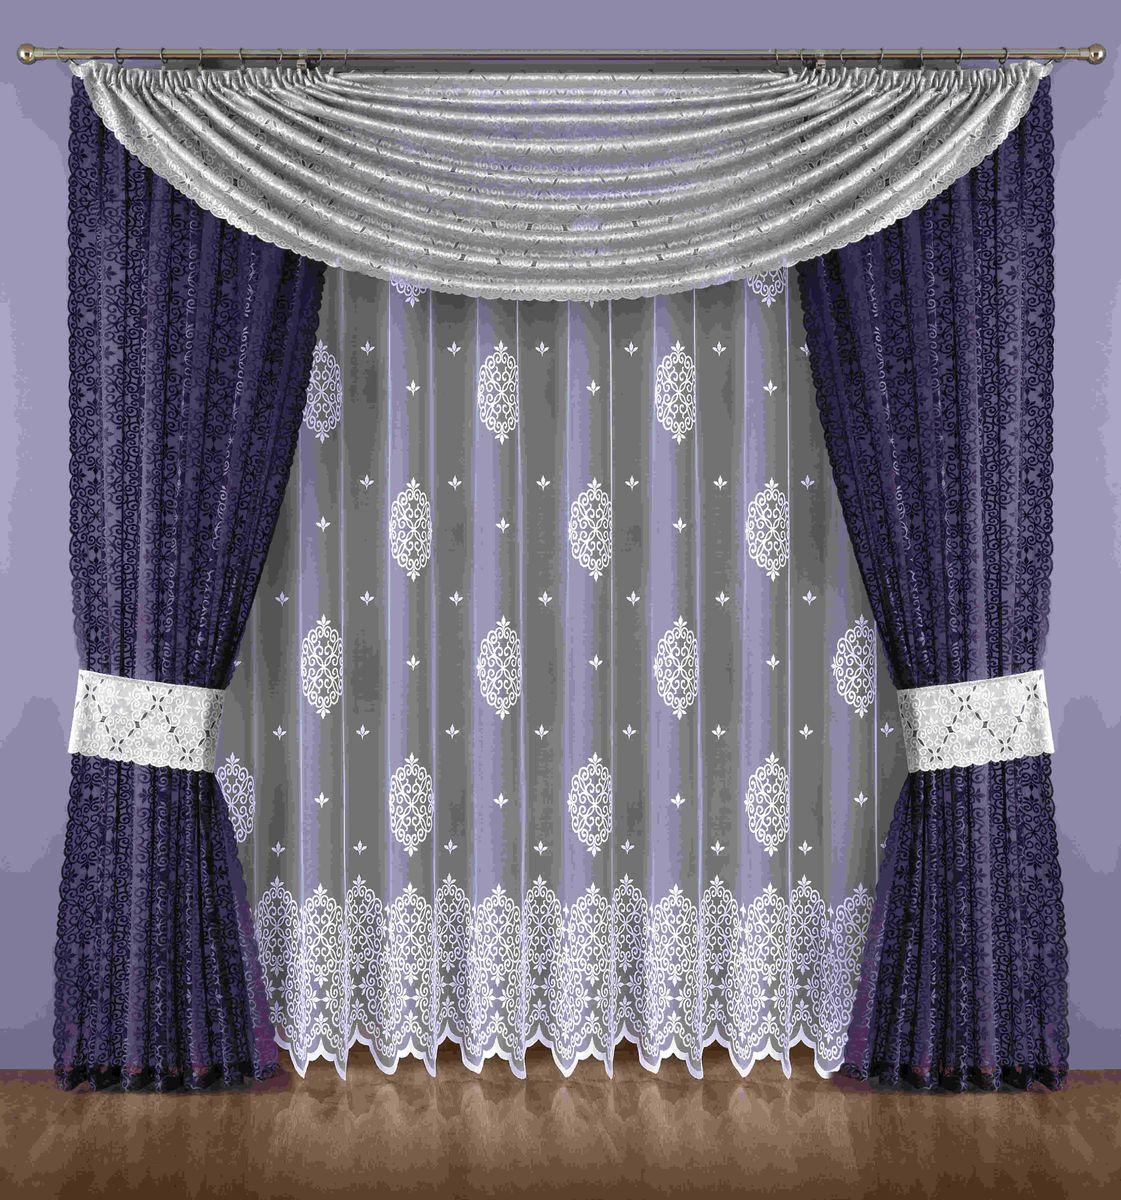 Комплект штор Wisan Maryna, на ленте, цвет: белый, серый, фиолетовый, высота 250 см183WКомплект штор Wisan Maryna выполненный из полиэстера, великолепно украсит любое окно. В комплект входят 2 шторы, тюль, ламбрекен и 2 подхвата. Кружевной орнамент придает комплекту особый стиль и шарм. Тонкое плетение, нежная цветовая гамма и роскошное исполнение - все это делает шторы Wisan Maryna замечательным дополнением интерьера помещения.Комплект оснащен шторной лентой для красивой сборки. В комплект входит: Штора - 2 шт. Размер (ШхВ): 145 см х 250 см.Тюль - 1 шт. Размер (ШхВ): 400 см х 250 см. Ламбрекен - 1 шт. Размер (ШхВ): 300 см х 150 см. Подхват - 2 шт.Фирма Wisan на польском рынке существует уже более пятидесяти лет и является одной из лучших польских фабрик по производству штор и тканей. Ассортимент фирмы представлен готовыми комплектами штор для гостиной, детской, кухни, а также текстилем для кухни (скатерти, салфетки, дорожки, кухонные занавески). Модельный ряд отличает оригинальный дизайн, высокое качество. Ассортимент продукции постоянно пополняется.